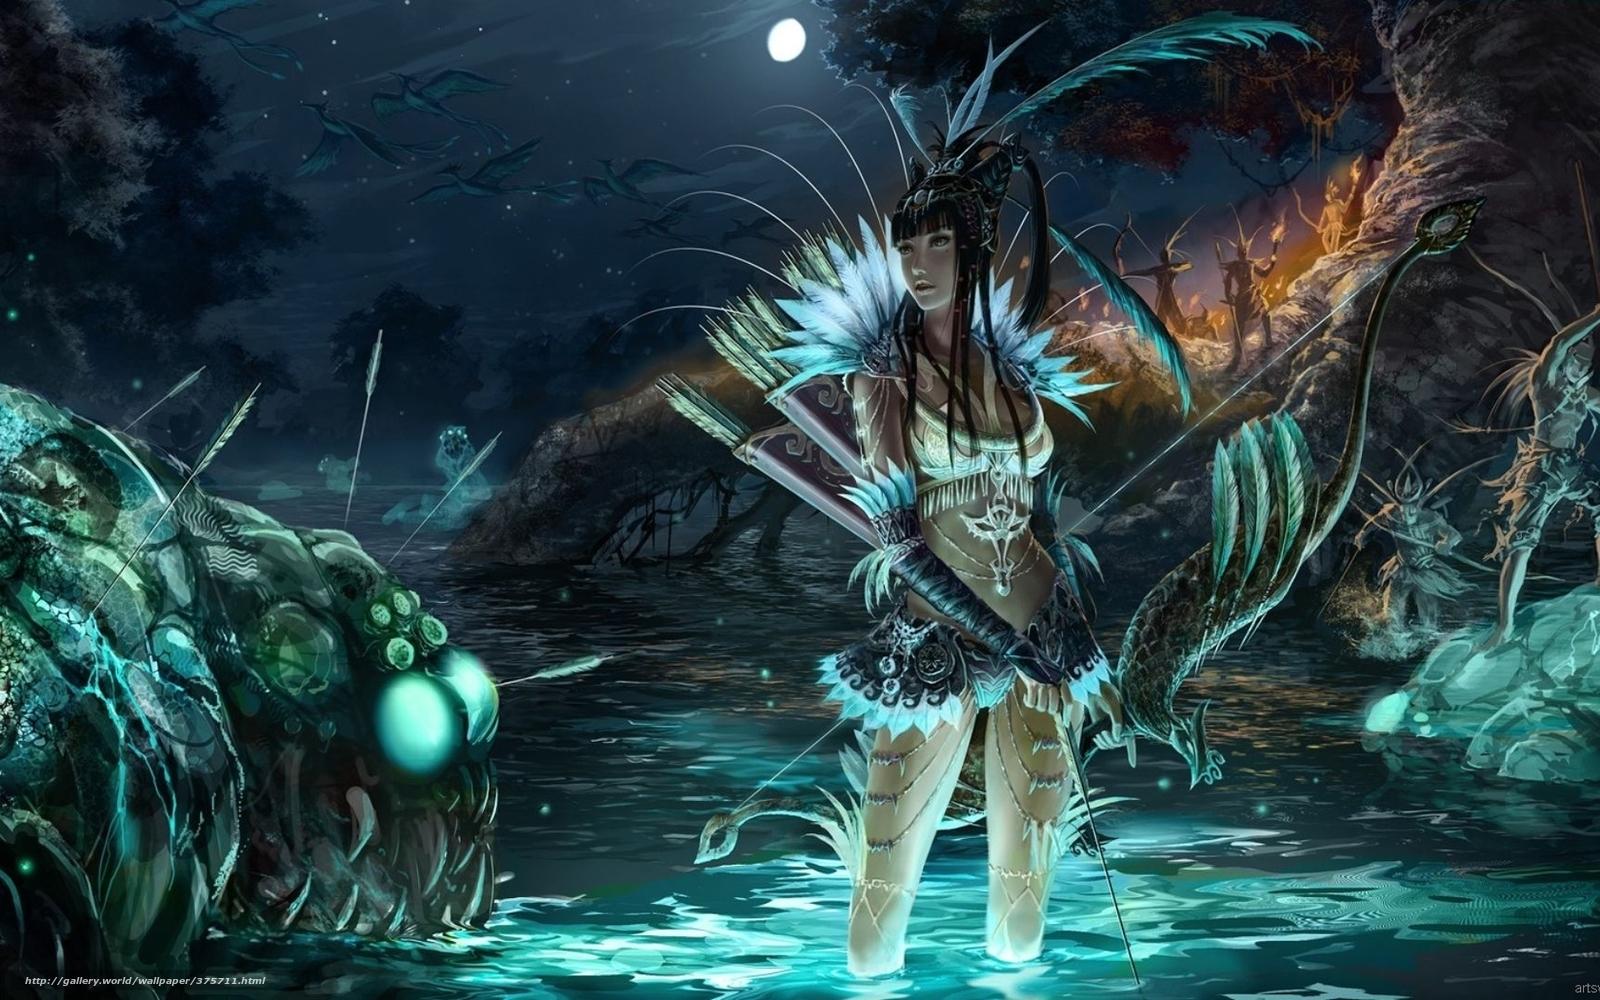 Monster fantasyporn download erotic videos